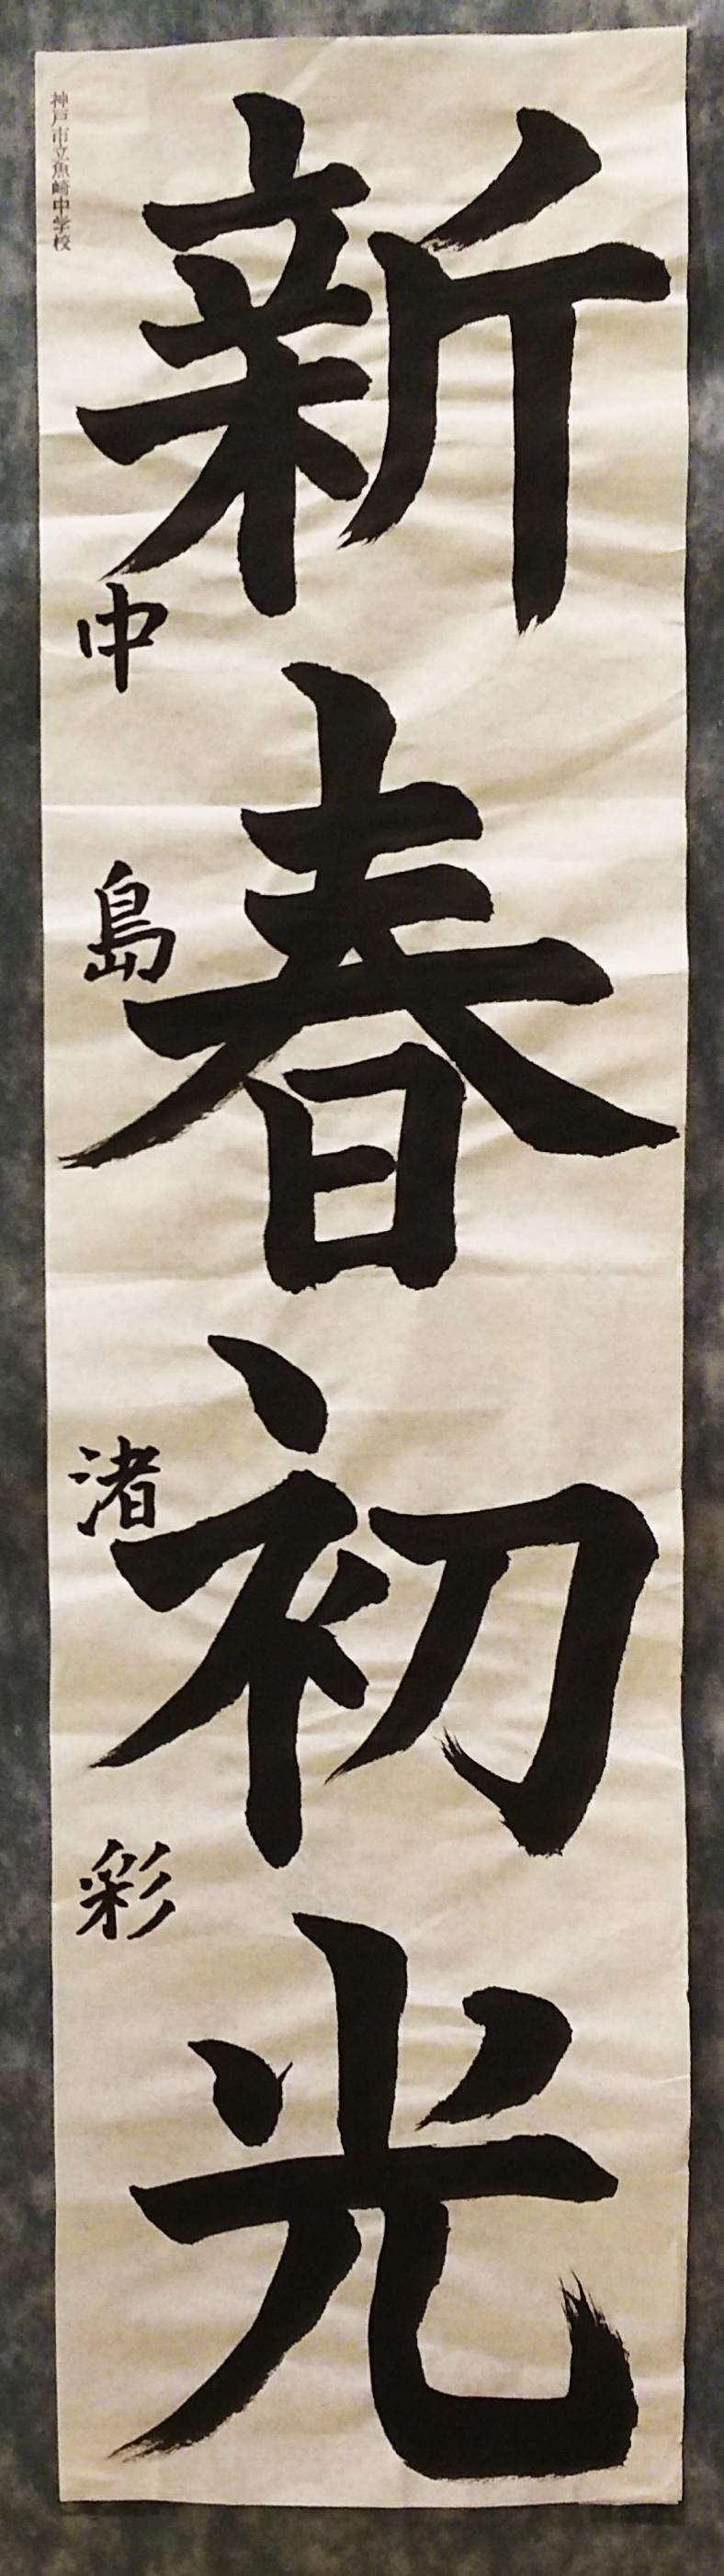 神戸から、神戸市学生書初め展 at そごう_a0098174_18435748.jpg